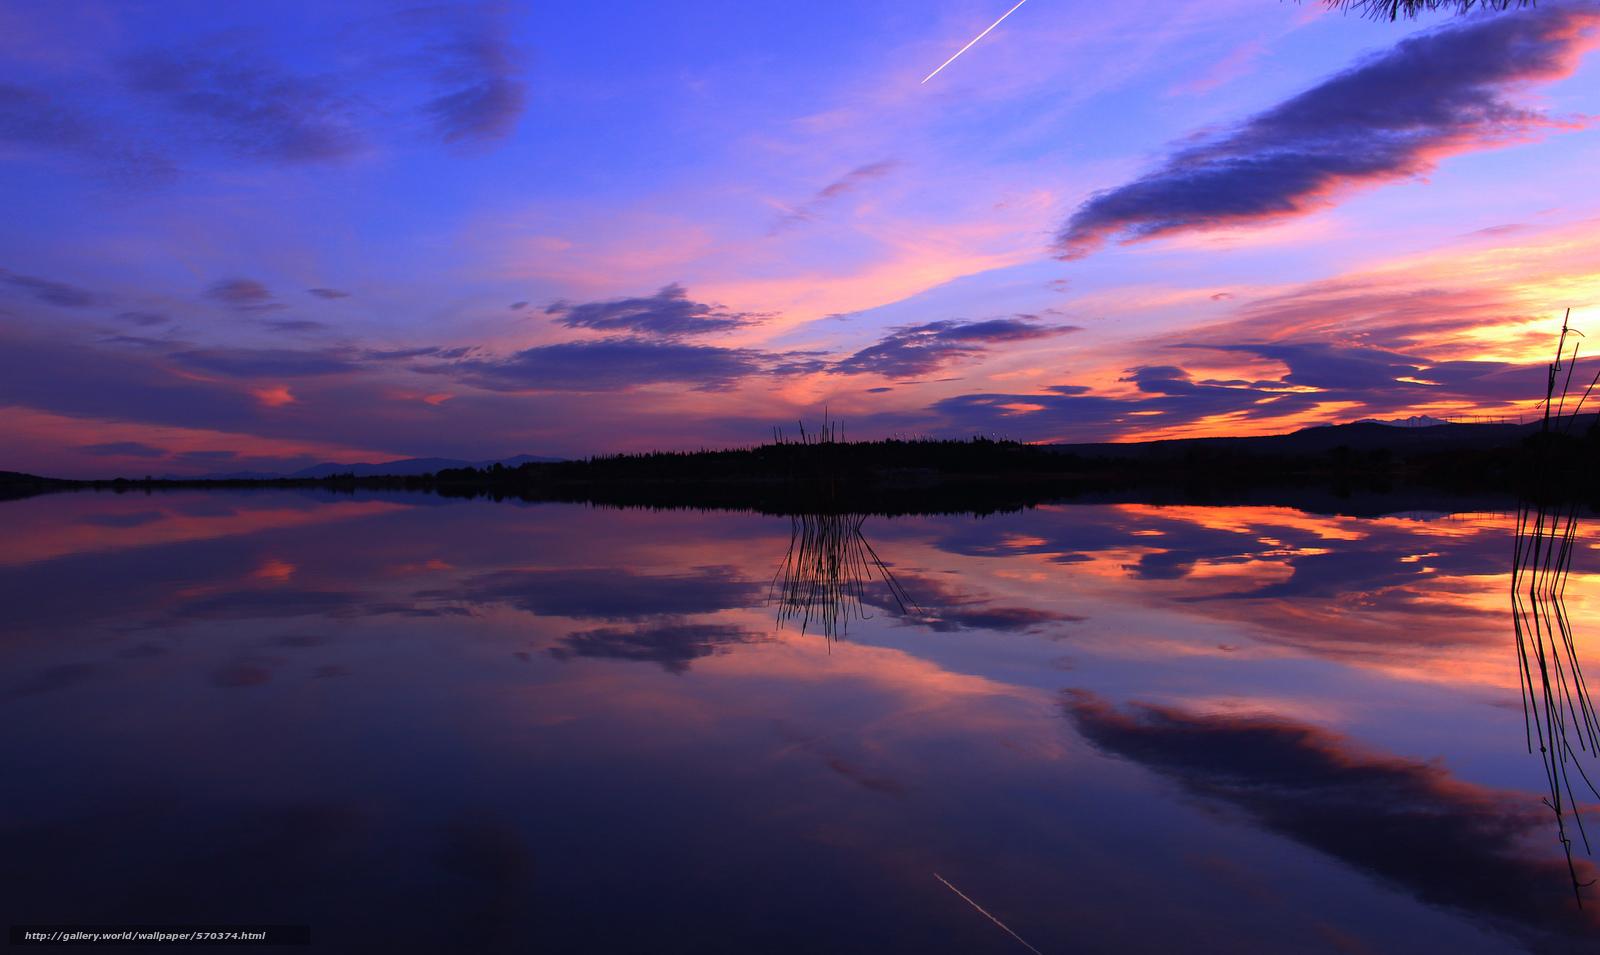 Скачать обои вечер,  отражение,  закат,  озеро бесплатно для рабочего стола в разрешении 2048x1222 — картинка №570374